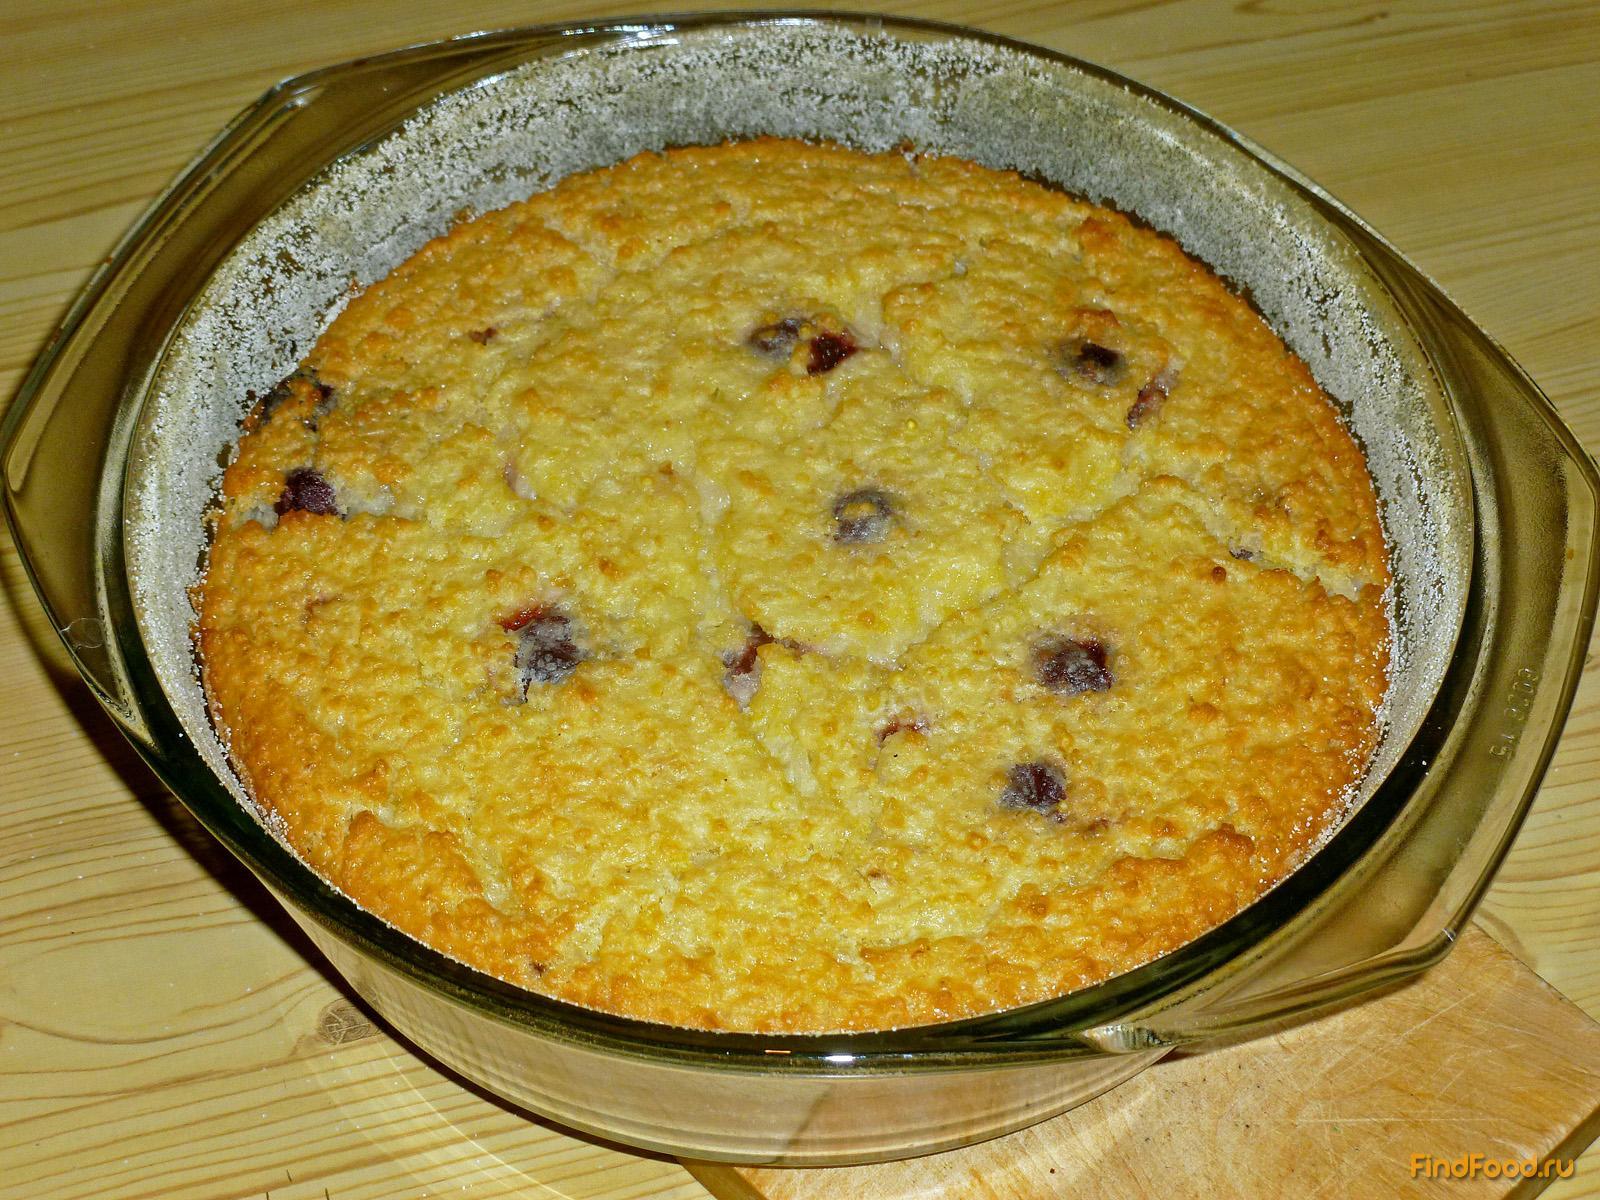 Крупеник из риса и пшена с вишней рецепт с фото 7-го шага